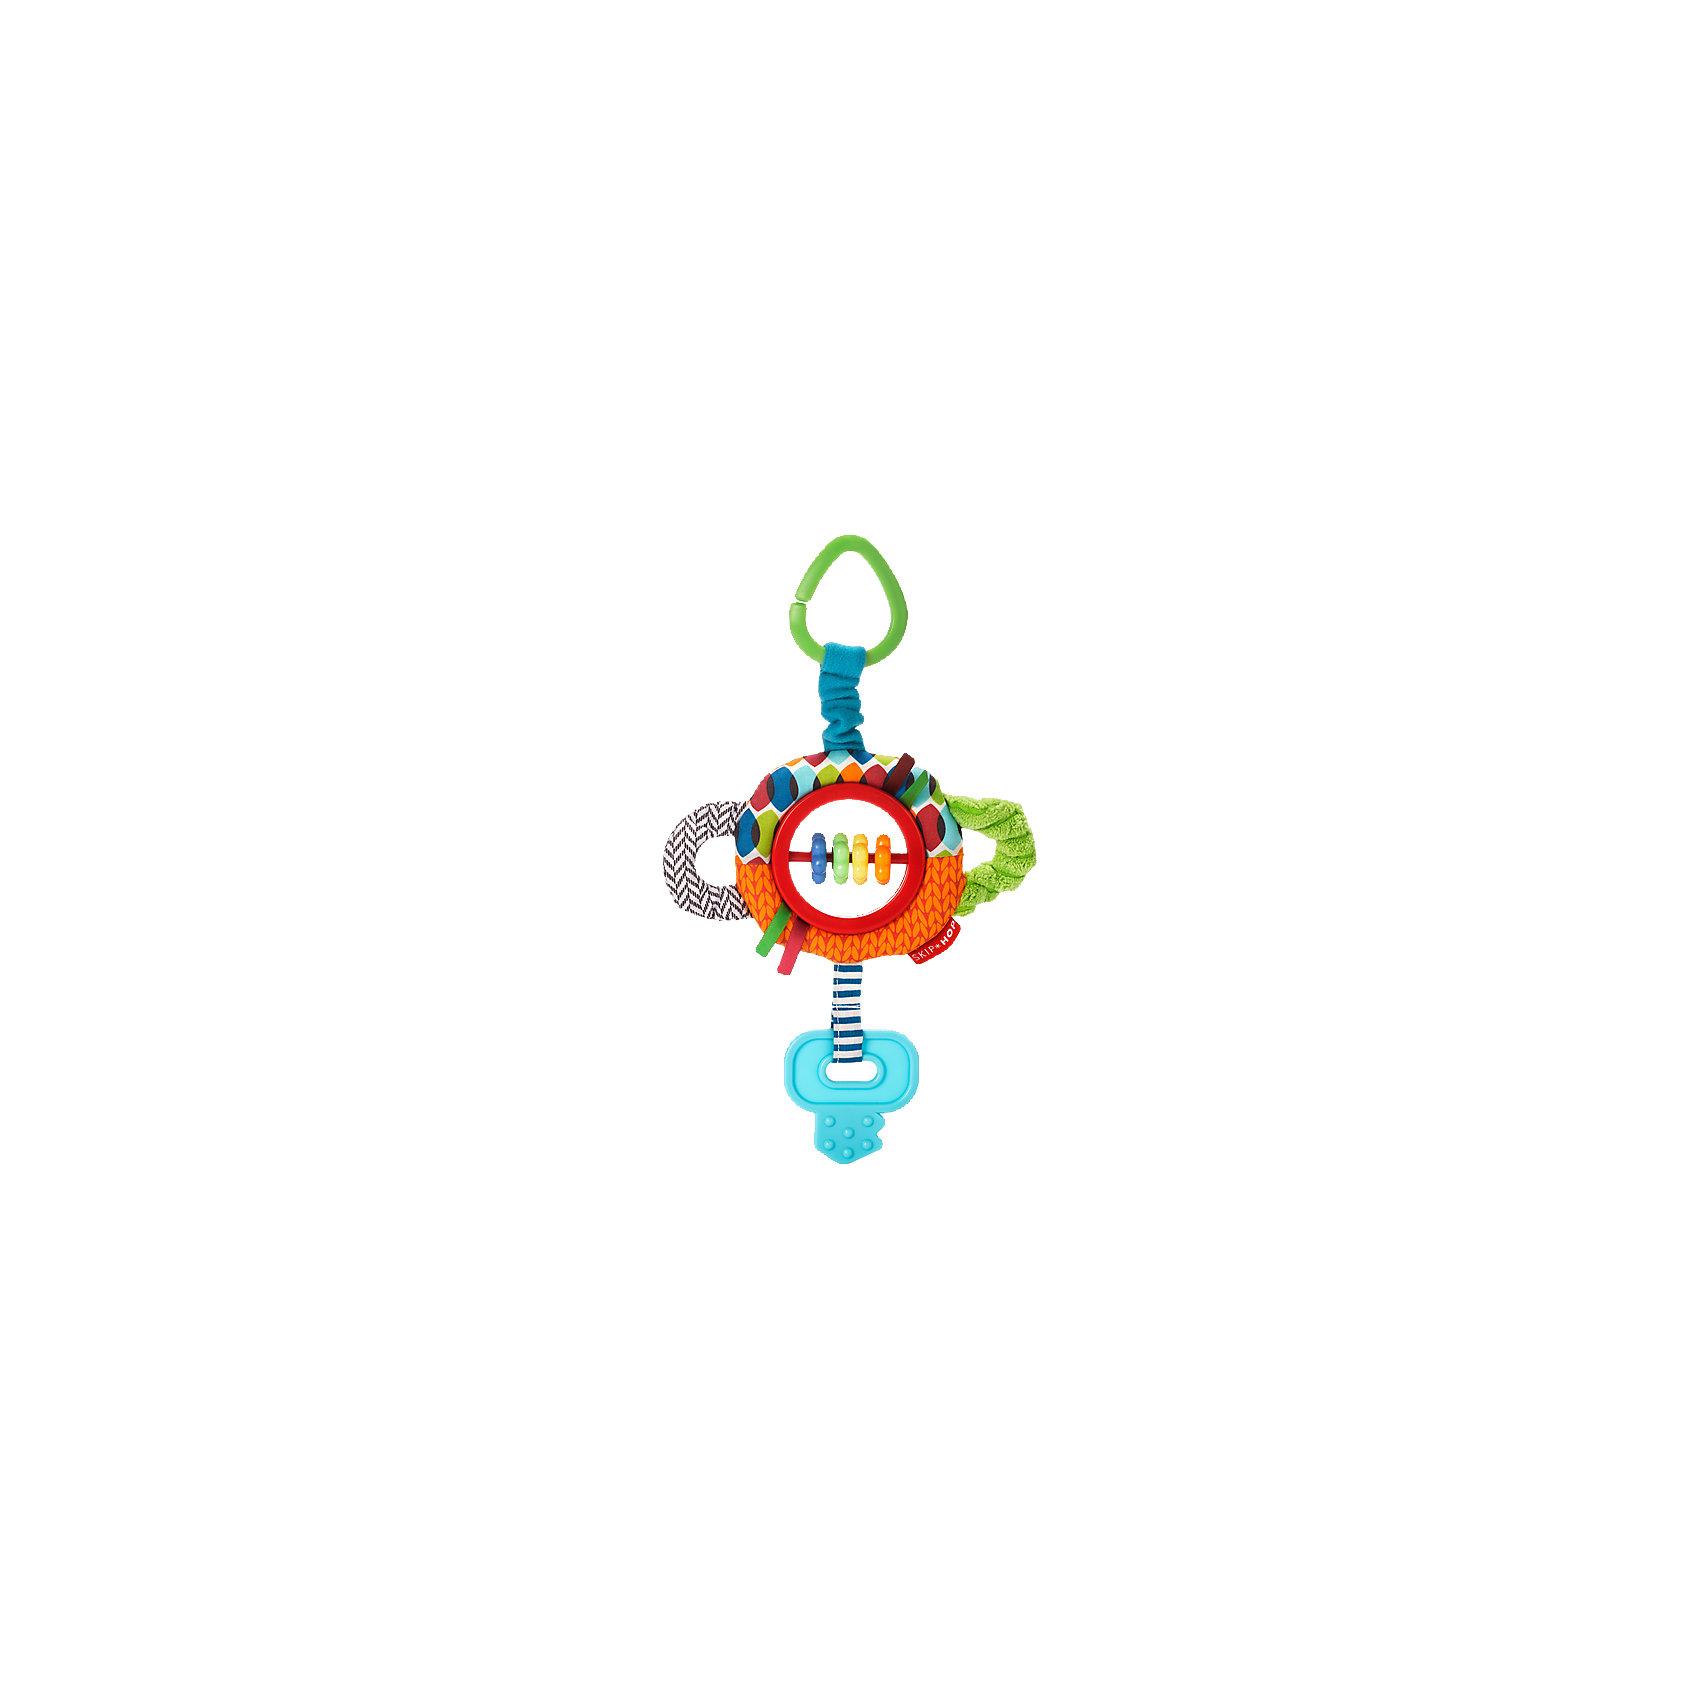 Развивающая игрушка-подвеска Ключик, Skip HopПодвески<br>Развивающая игрушка-подвеска Ключик, Skip Hop<br><br>Характеристики:<br><br>• В набор входит: игрушка<br>• Состав: текстиль, пластик, каучук<br>• Размер: 17 * 3 * 25 см.<br>• Для детей в возрасте: от 6 месяцев<br>• Страна производитель: Китай<br><br>Наполненные новыми разными ощущениями текстур и звуков, маленькие ручки будут заняты изучением изгибов и шуршаний благодаря этому яркому ключику. Игрушка оснащена прорезиненными деталями для прорезывания зубов, безопасными бусинами, шуршащими элементами и подвеской для крепления на коляску или кроватку. <br><br>Благодаря удобному размеру игрушку легко хватать ручками и с ней приятно играть даже самым маленьким. Игрушка сочетает в себе сразу несколько цветов, чтобы привлечь внимание малыша и научить его разным оттенкам. Играя с этой игрушкой малыш сможет развивать логическое мышление, звуковое, зрительное и тактильное восприятие, а также моторику рук. <br><br>Развивающая игрушка-подвеска Ключик, Skip Hop можно купить в нашем интернет-магазине.<br><br>Ширина мм: 199<br>Глубина мм: 167<br>Высота мм: 32<br>Вес г: 73<br>Цвет: mehrfarbig<br>Возраст от месяцев: 1<br>Возраст до месяцев: 36<br>Пол: Унисекс<br>Возраст: Детский<br>SKU: 3971279